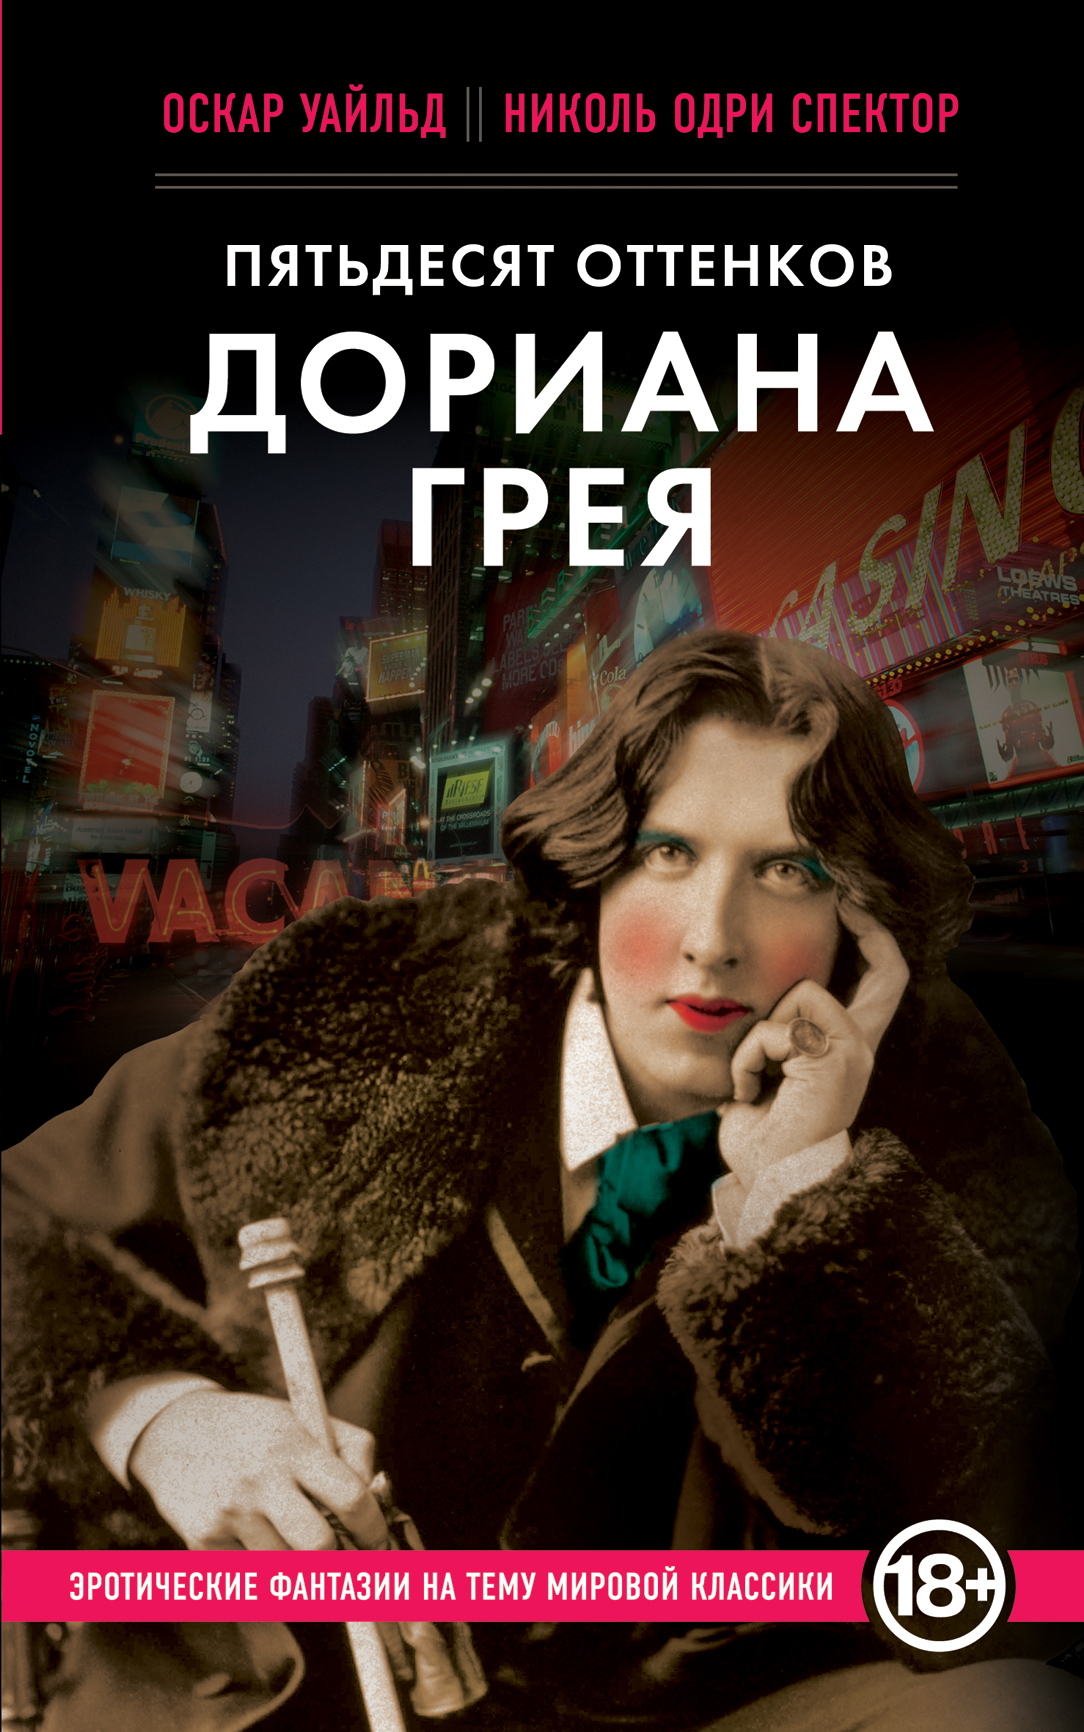 Читать книги бесплатно и без регистрации эротические 5 фотография